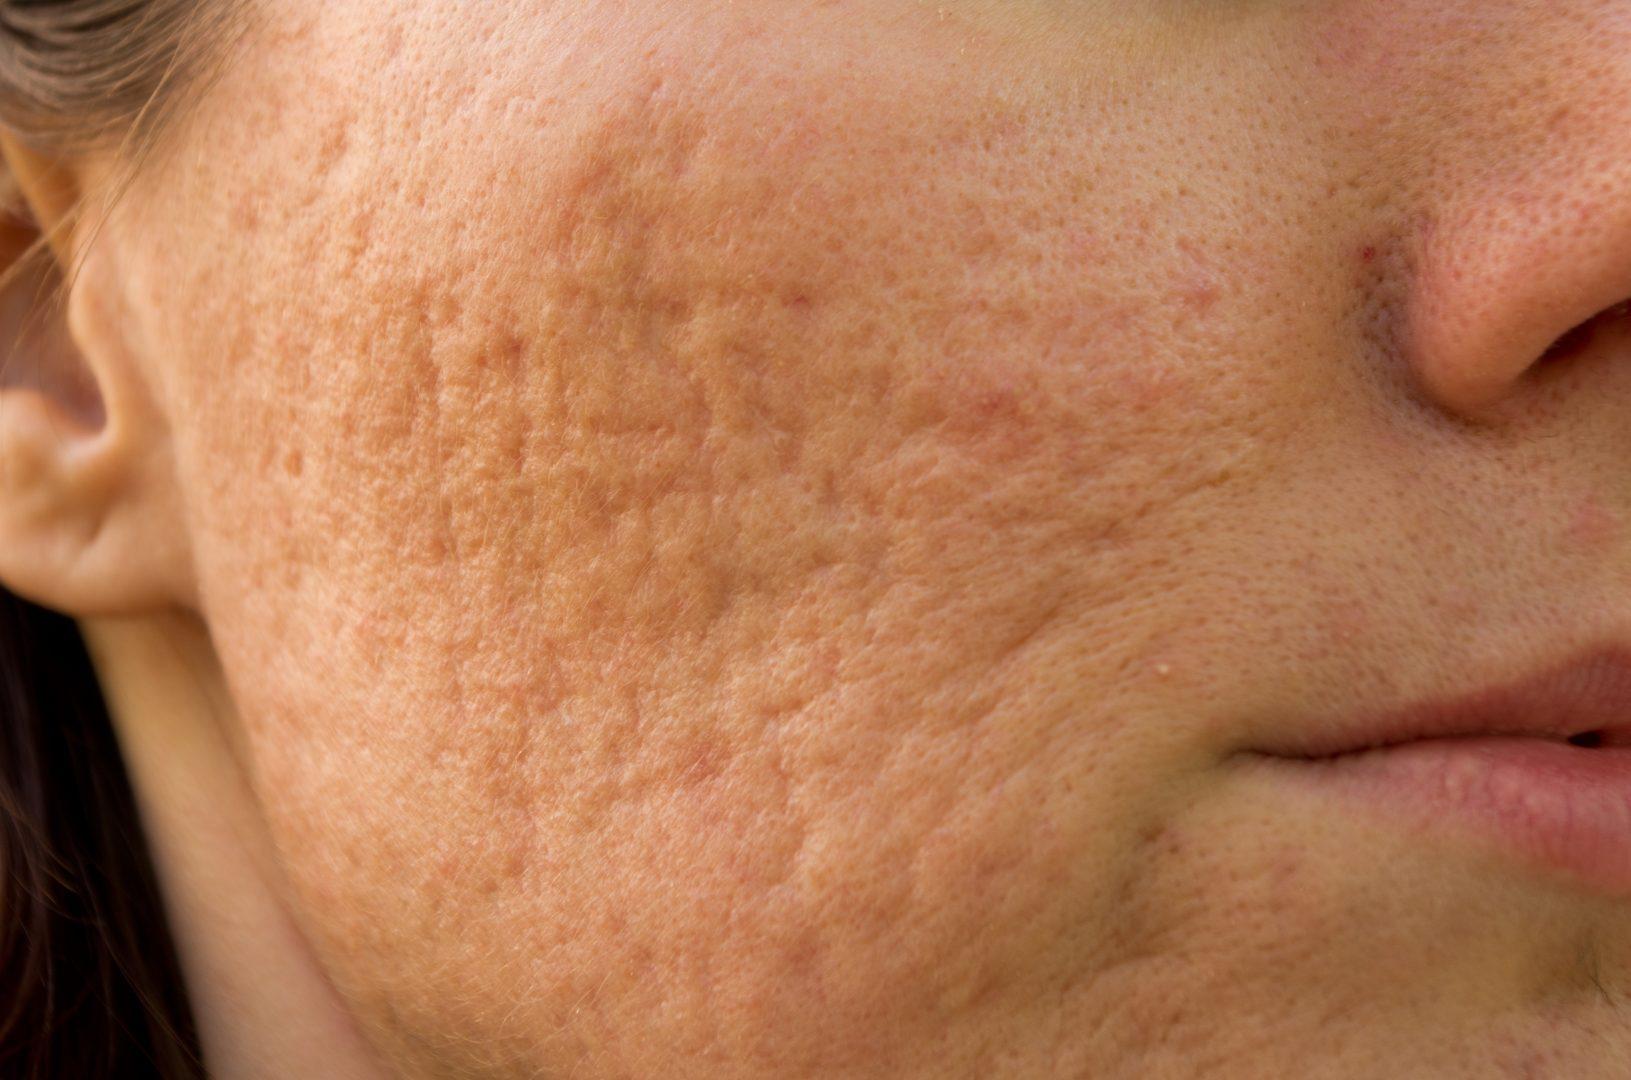 acne littekens